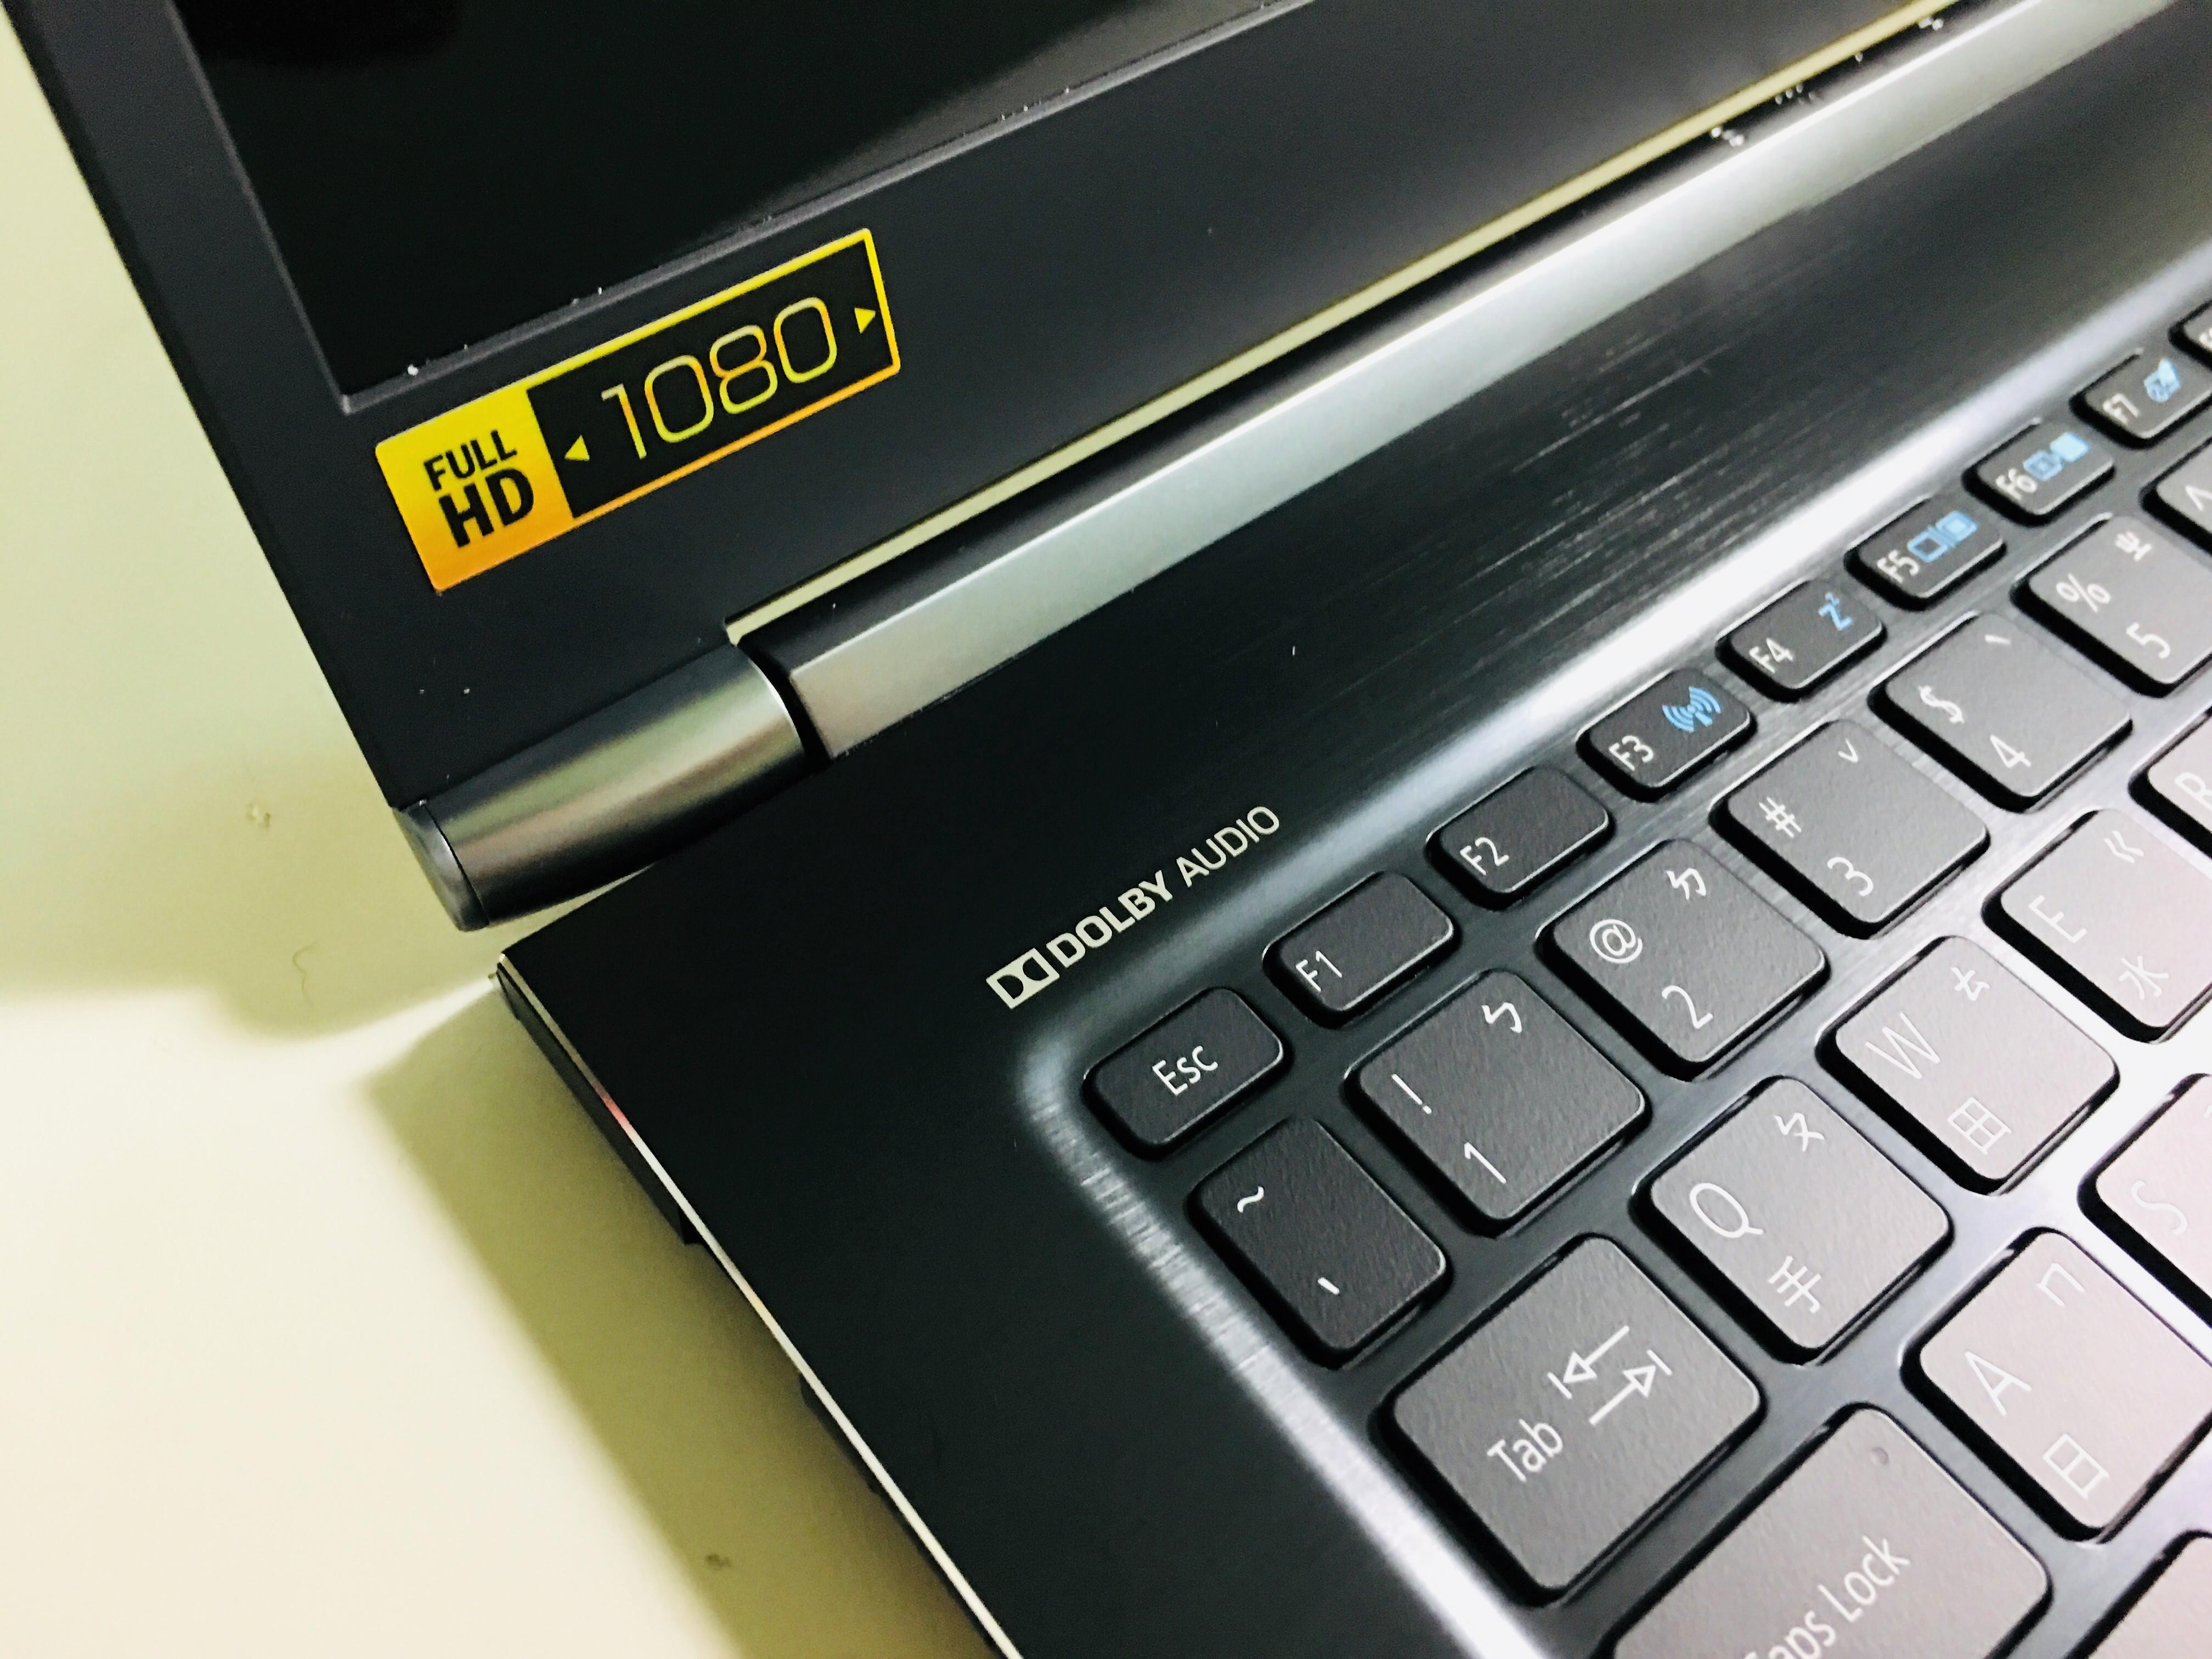 1080P FHD的解析度,清晰、明亮的畫質 DOLBY AUDIO杜比音效技術,提供豐富、清晰的聲音效果